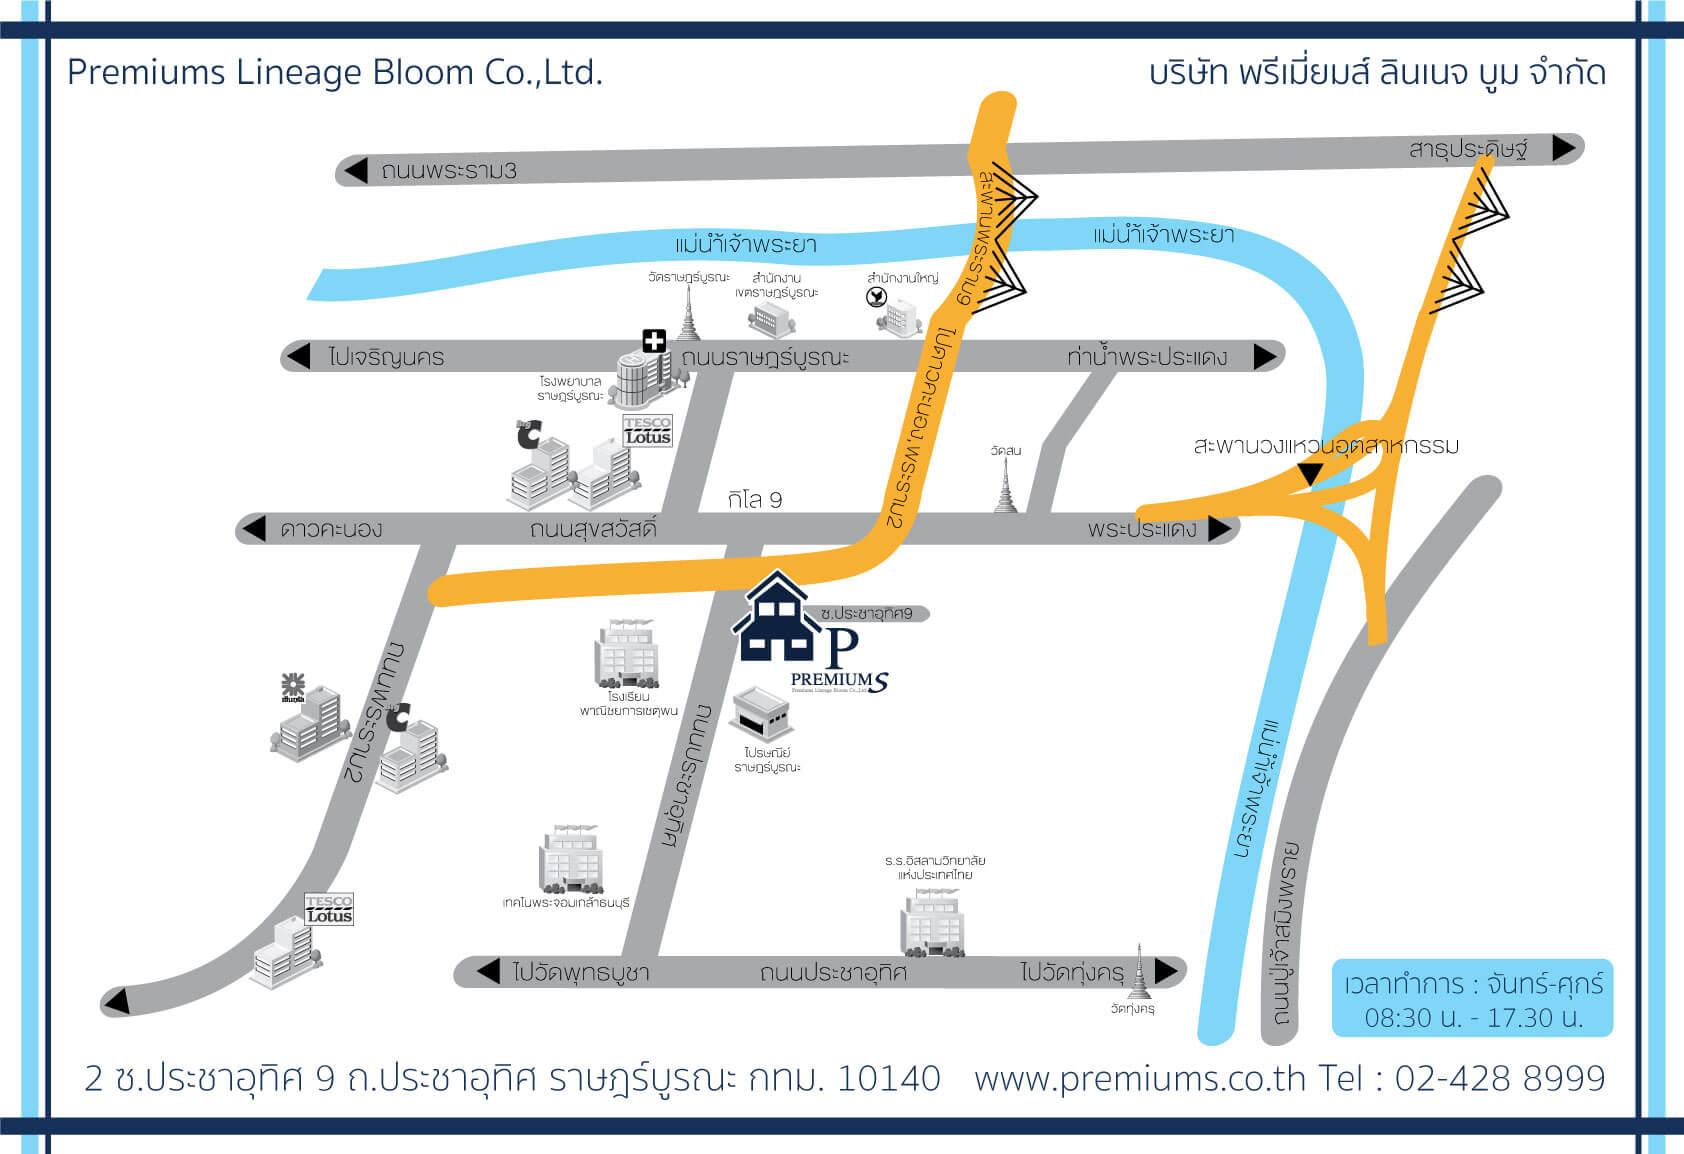 แผนที่ PREMIUMS LINEAGE BLOOM CO., LTD.